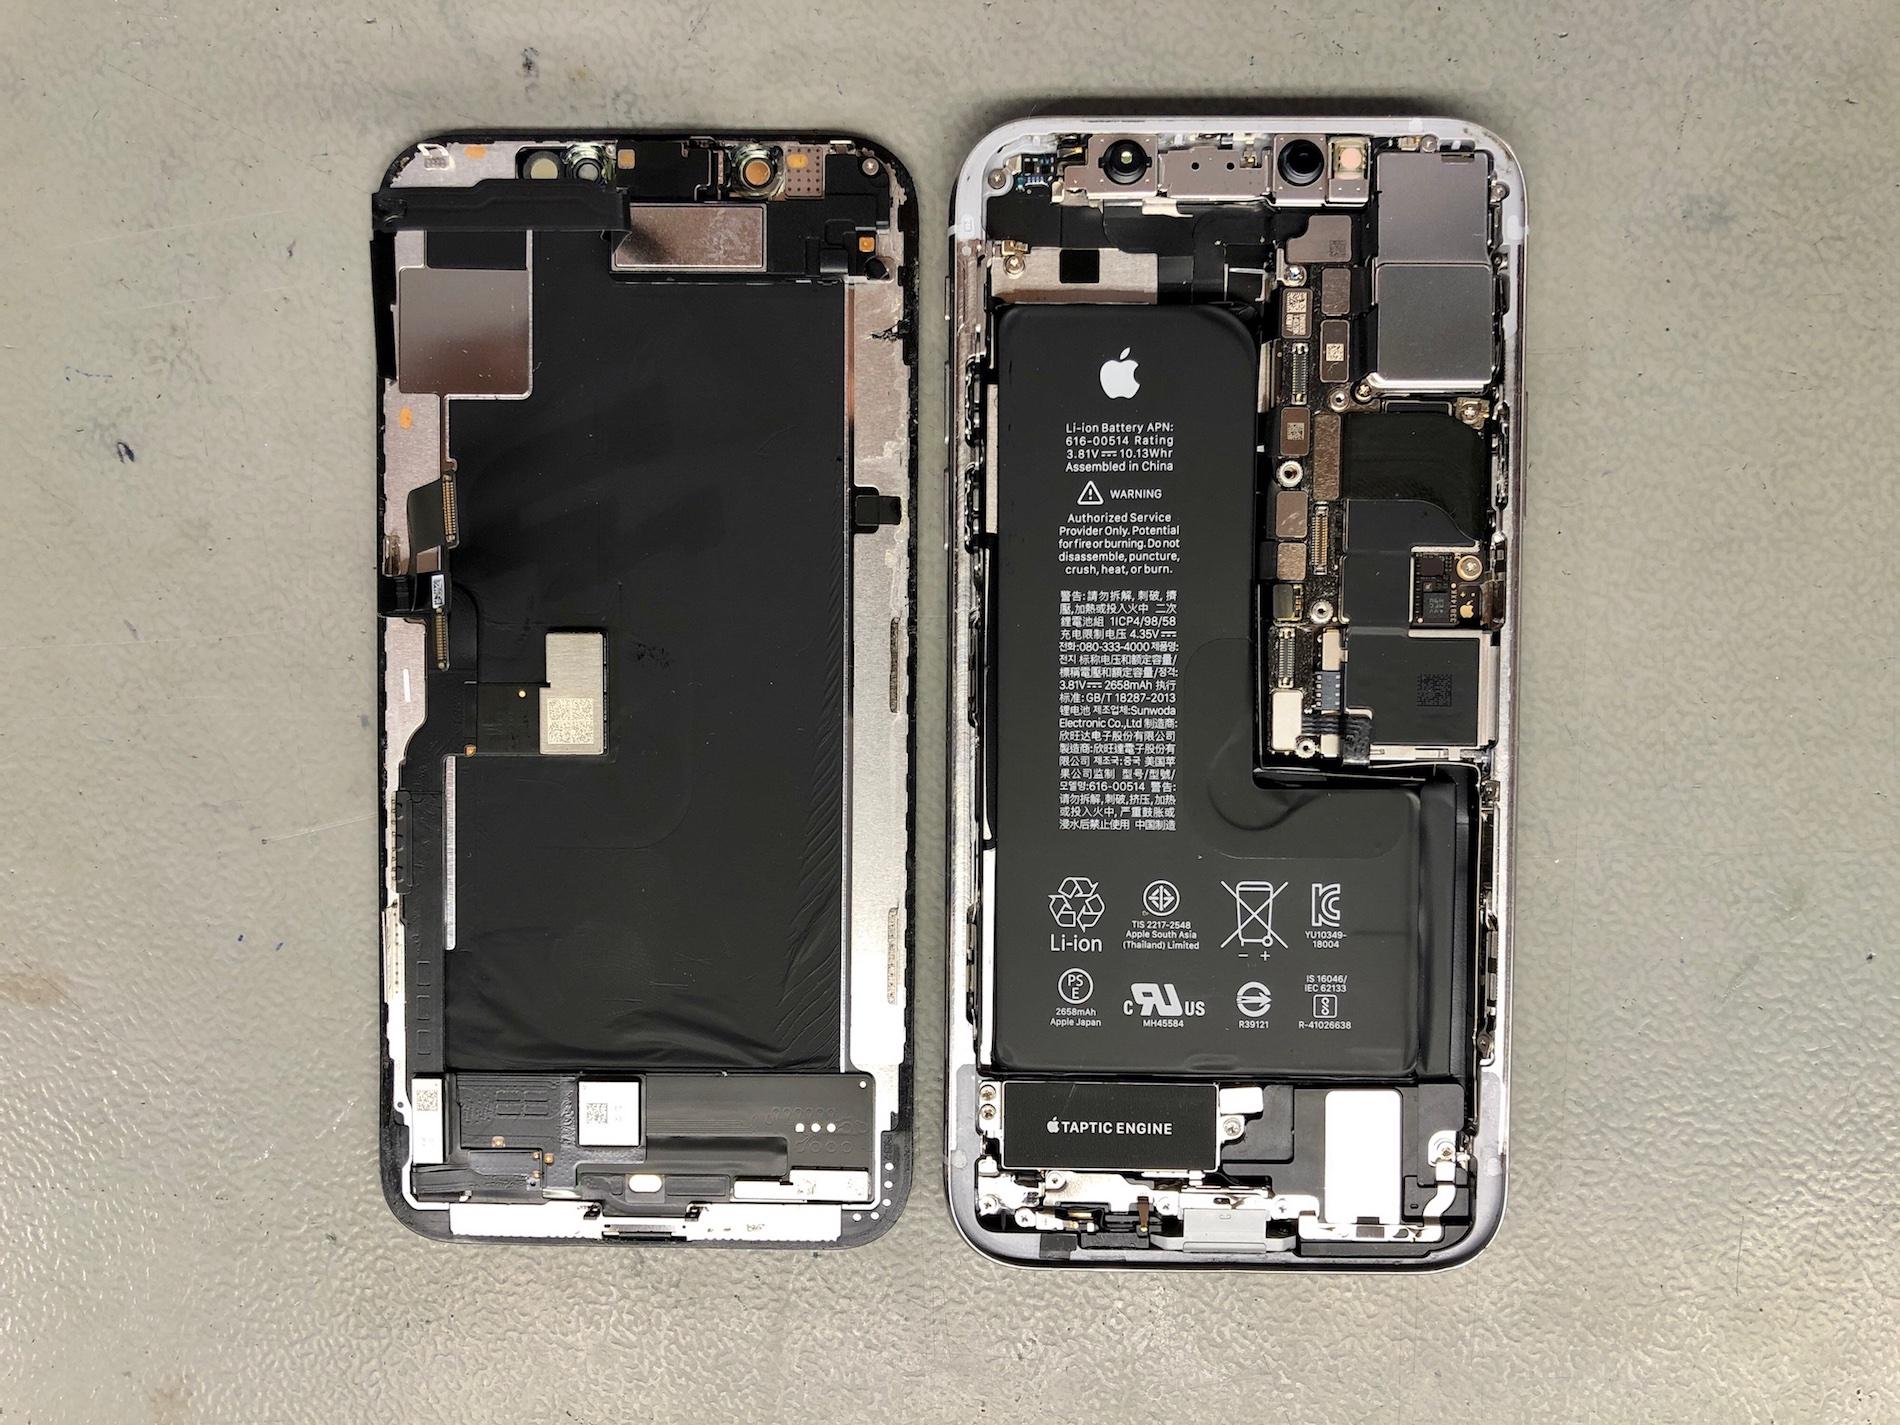 Akkumulátorcsere egy újabb iPhone modellen